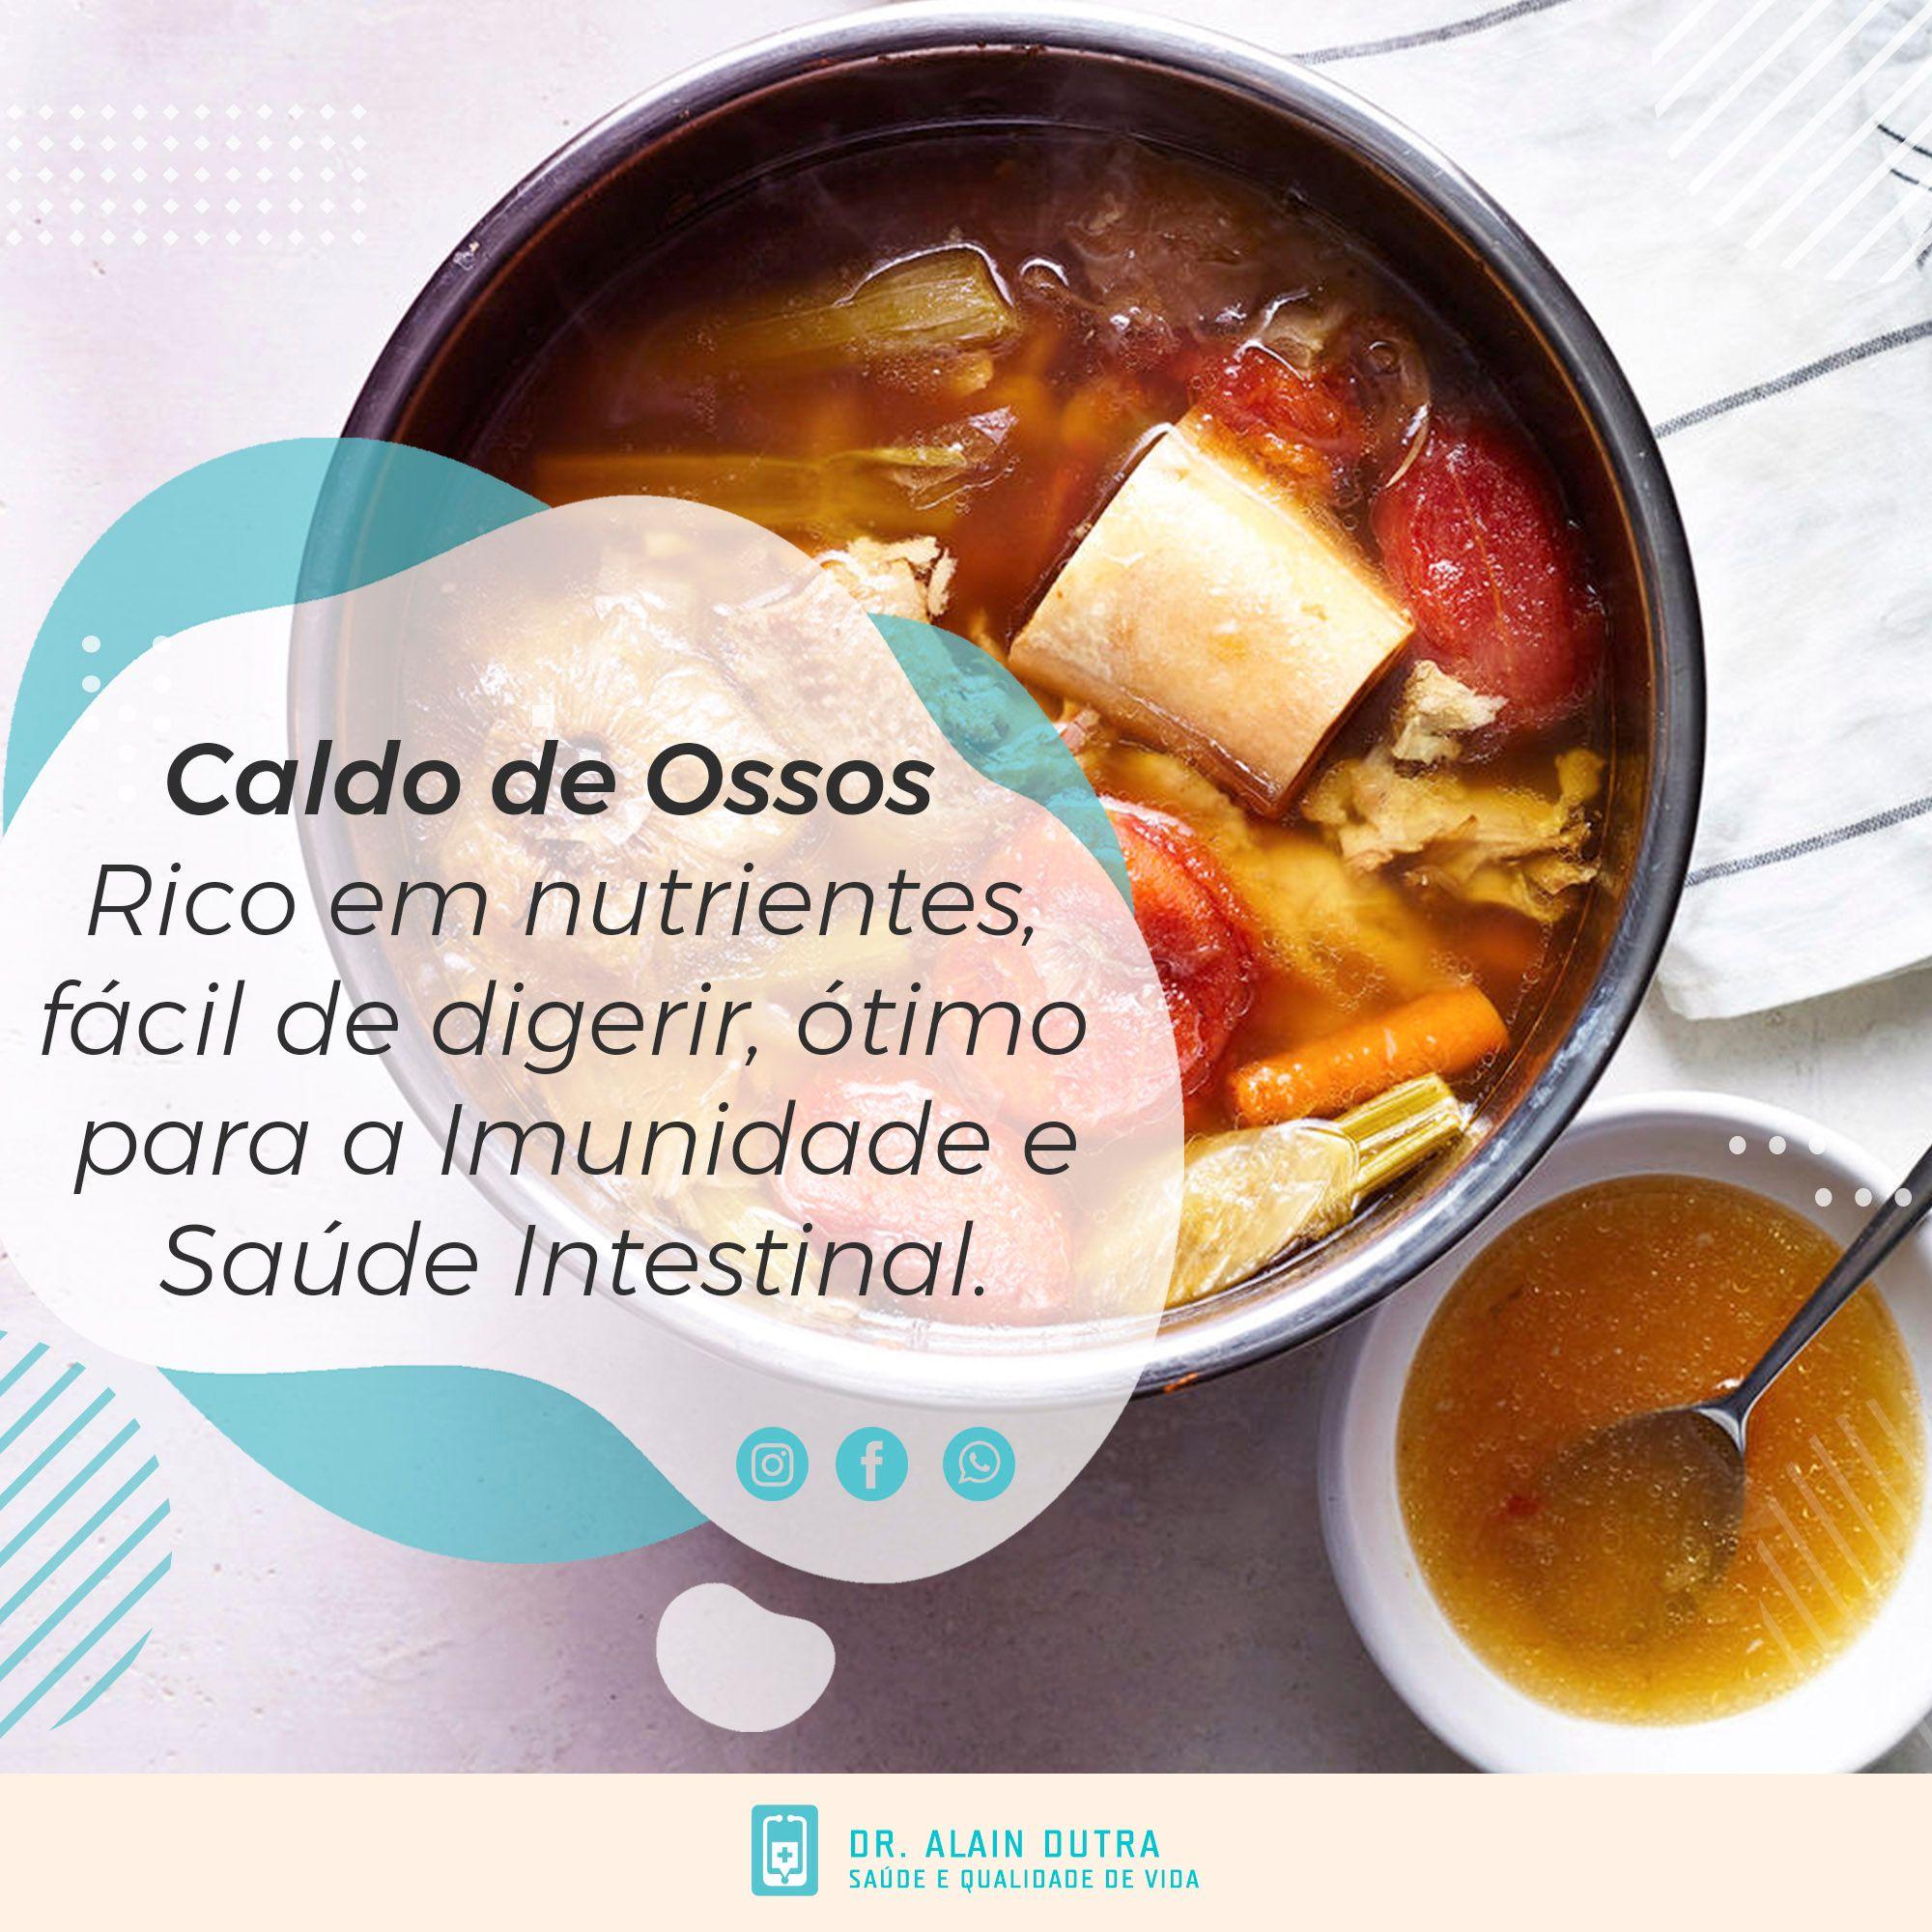 Caldo de Ossos - Rico em Nutrientes